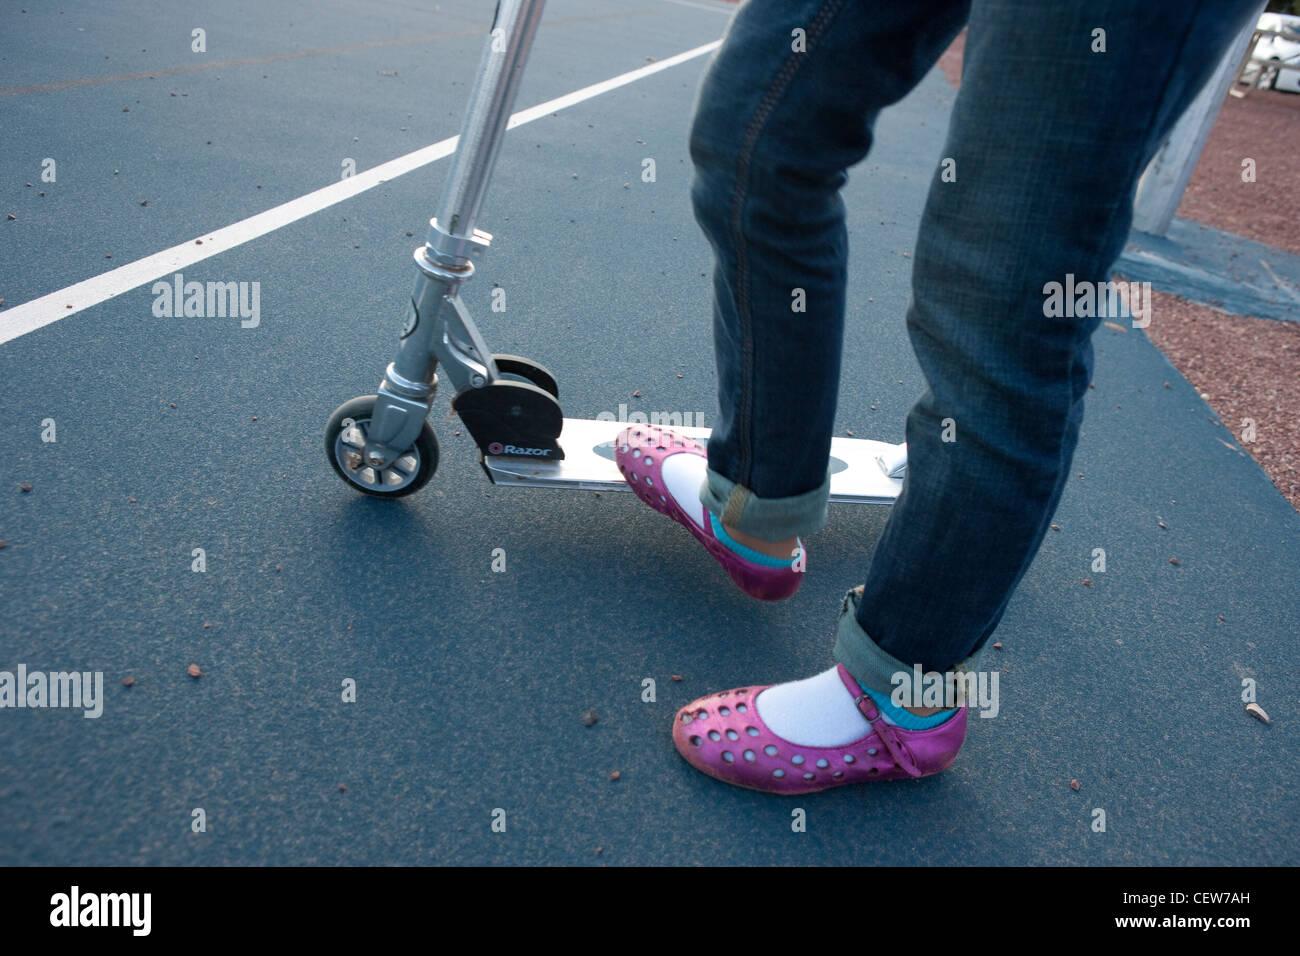 Vestida de rosa sandalias montando un scooter Imagen De Stock